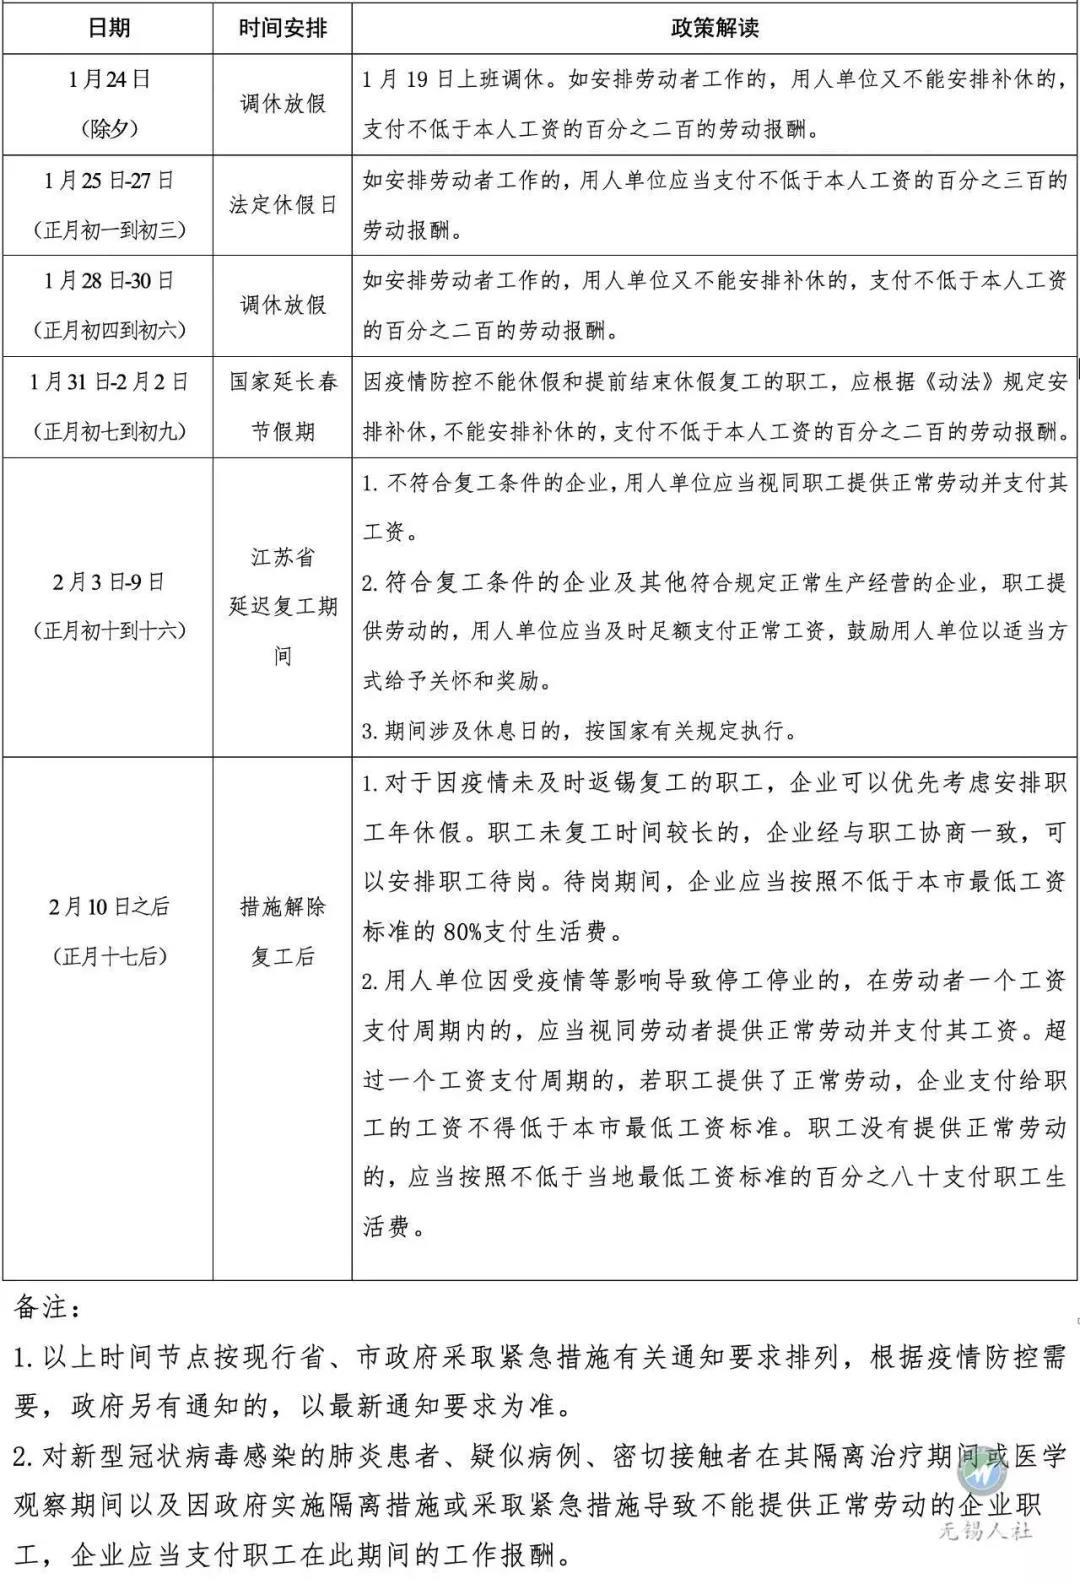 无锡企业法律顾问:新冠肺炎疫情期间劳动用工法律意见(无锡地区)